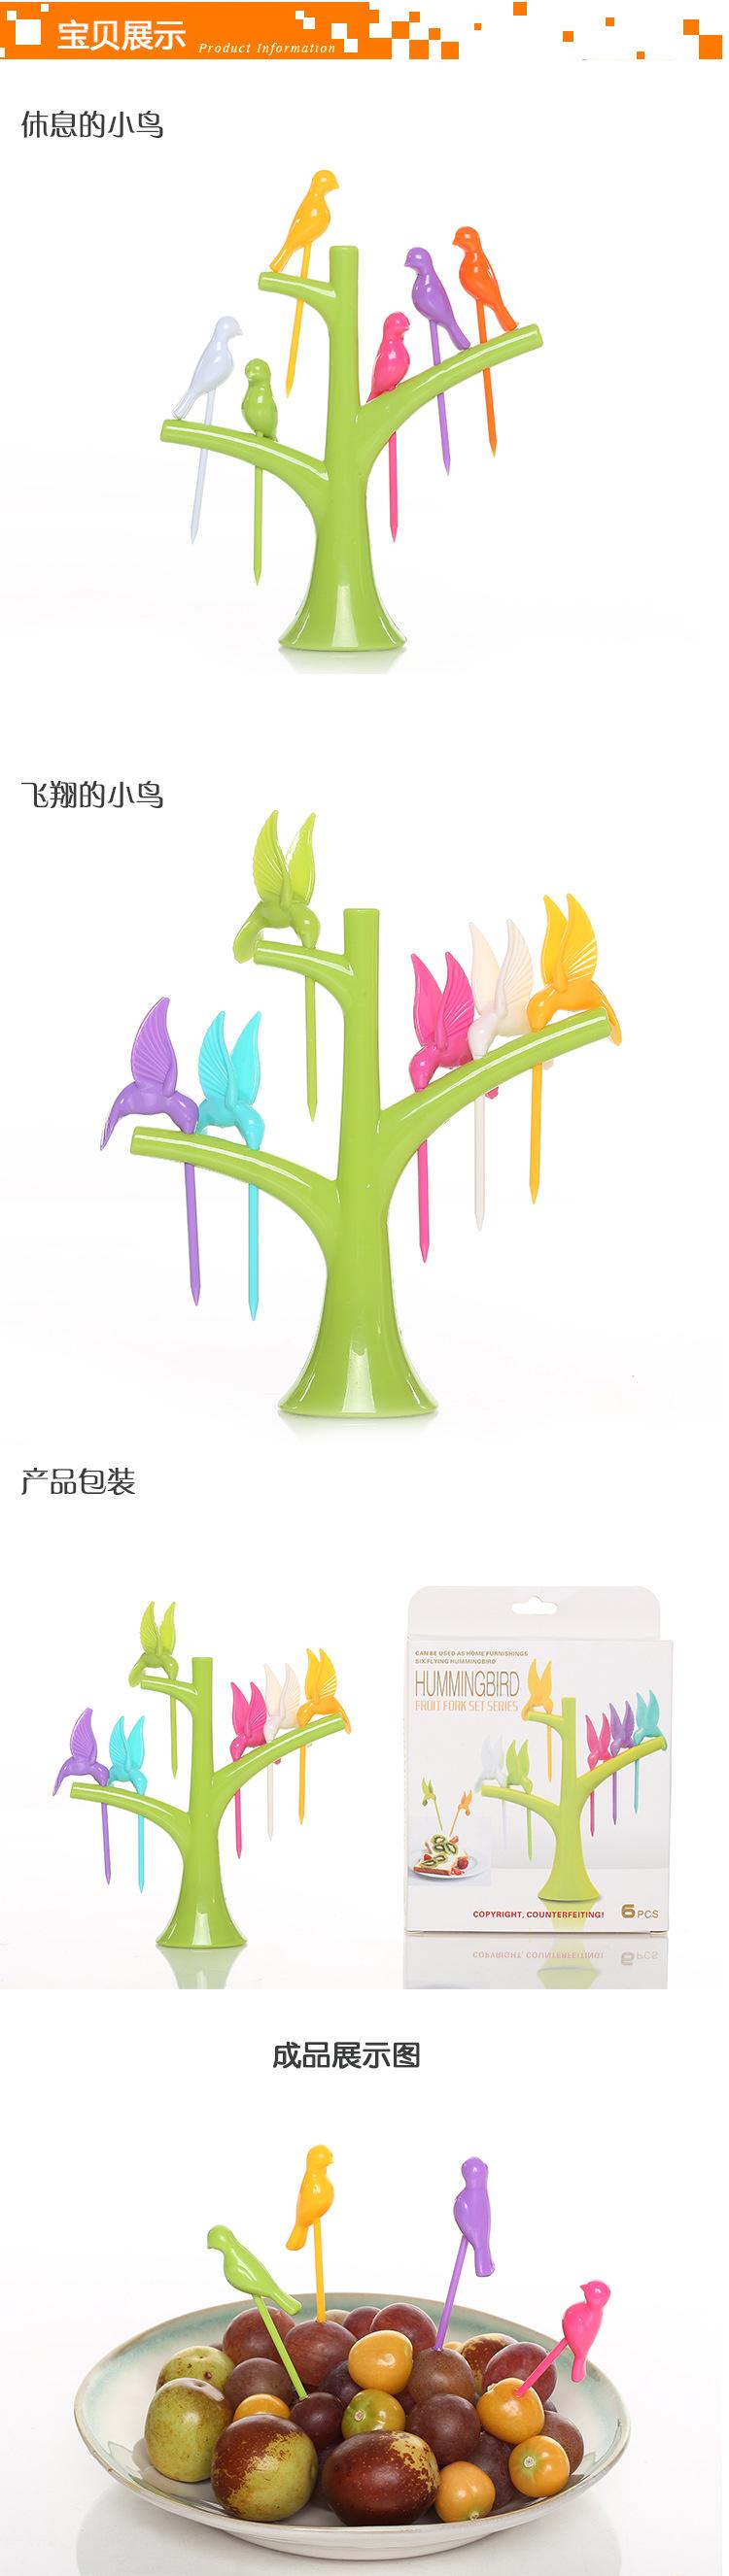 小鸟水果叉_08